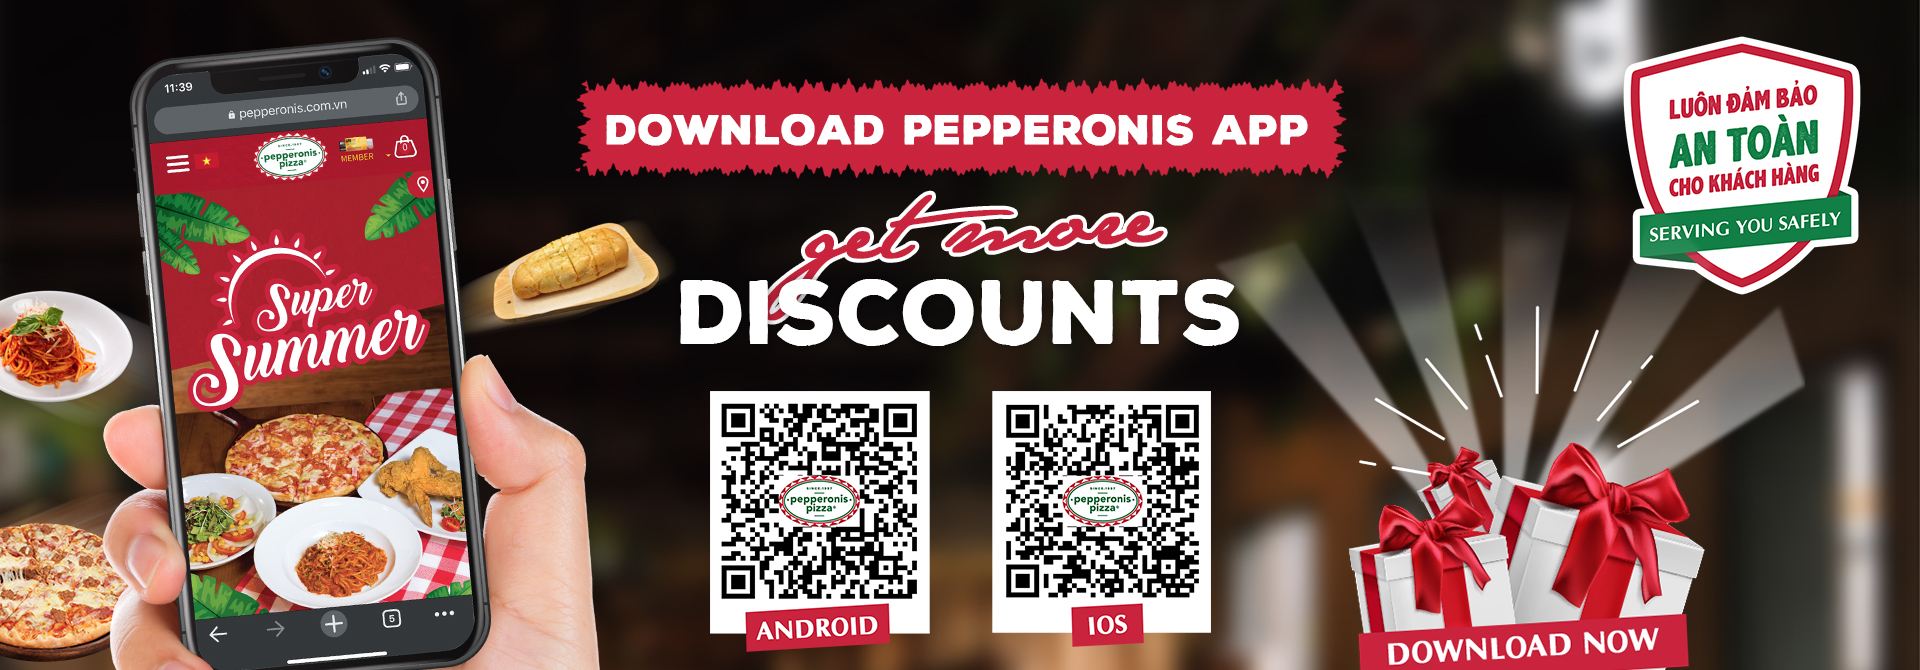 App Pepperonis